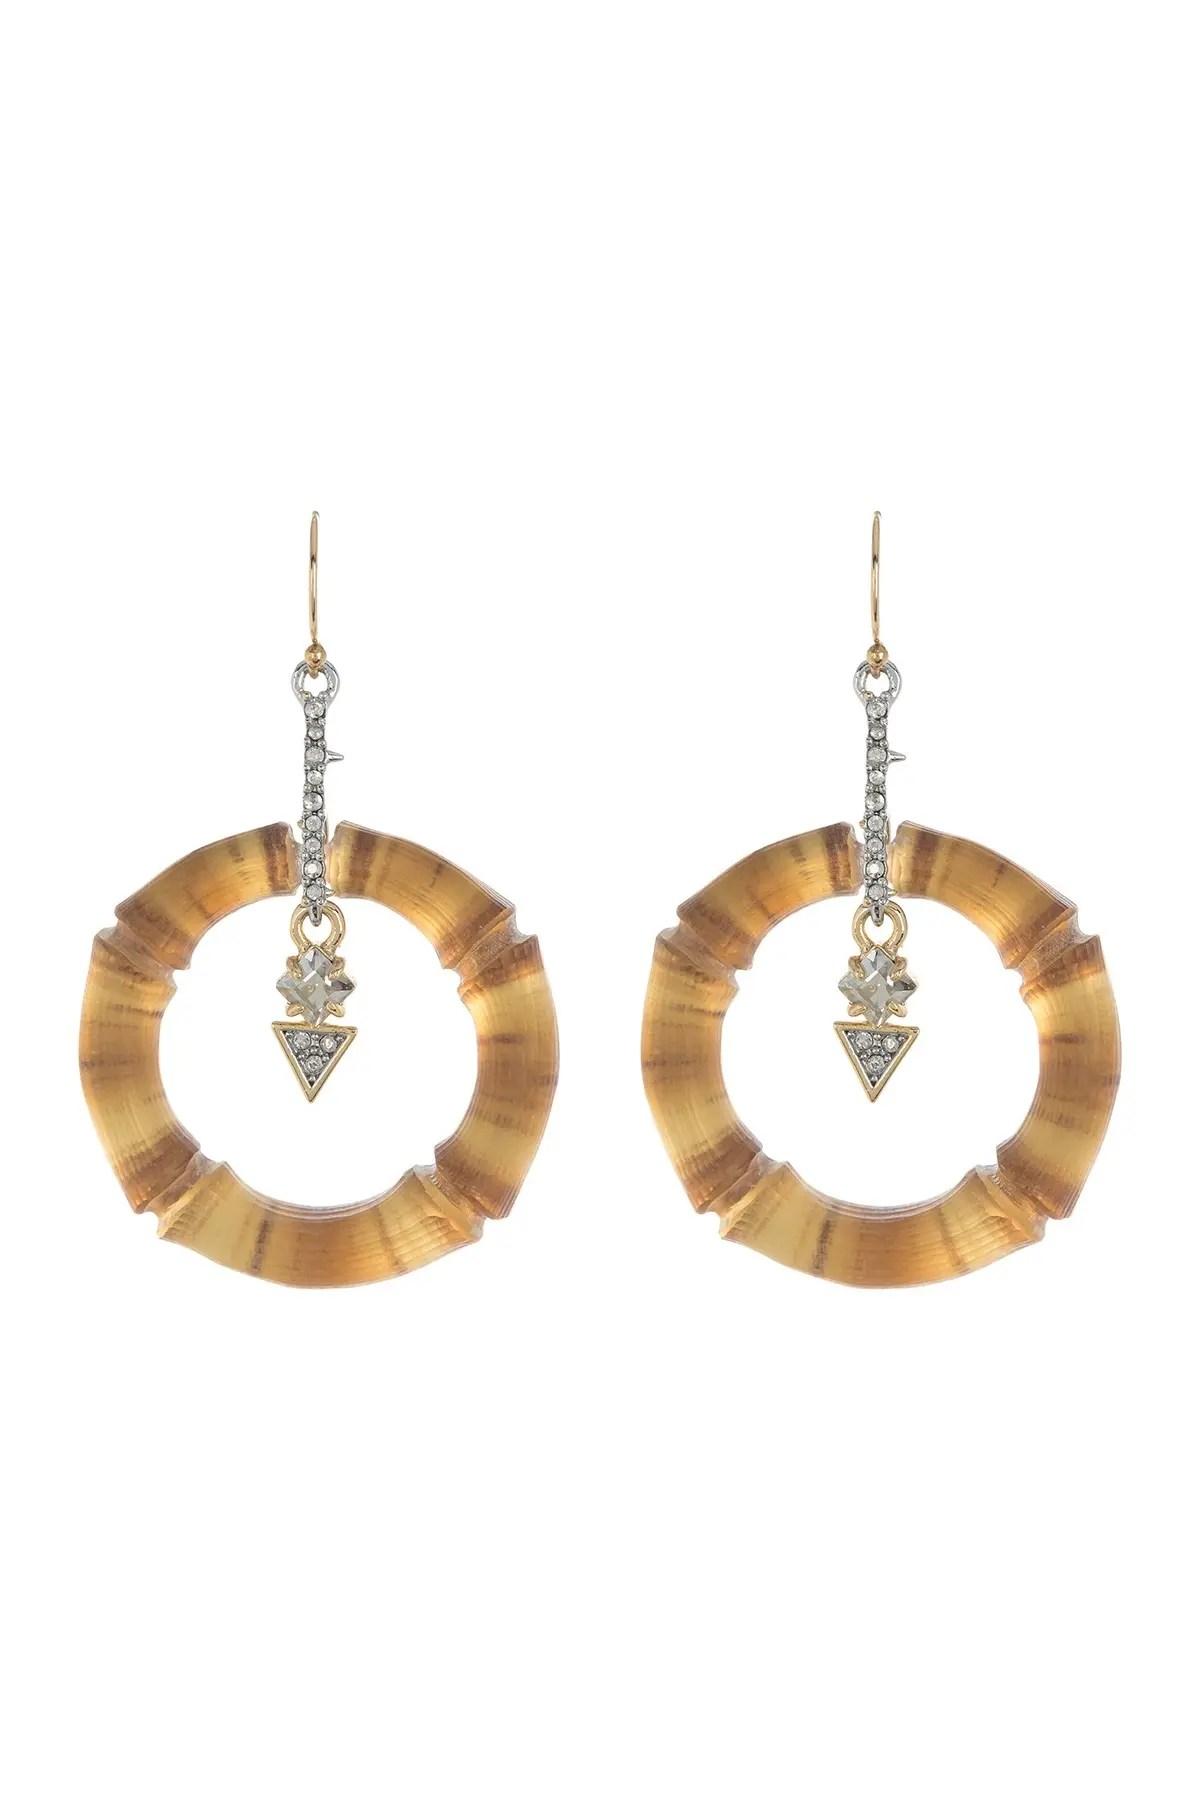 alexis bittar jewelry for women